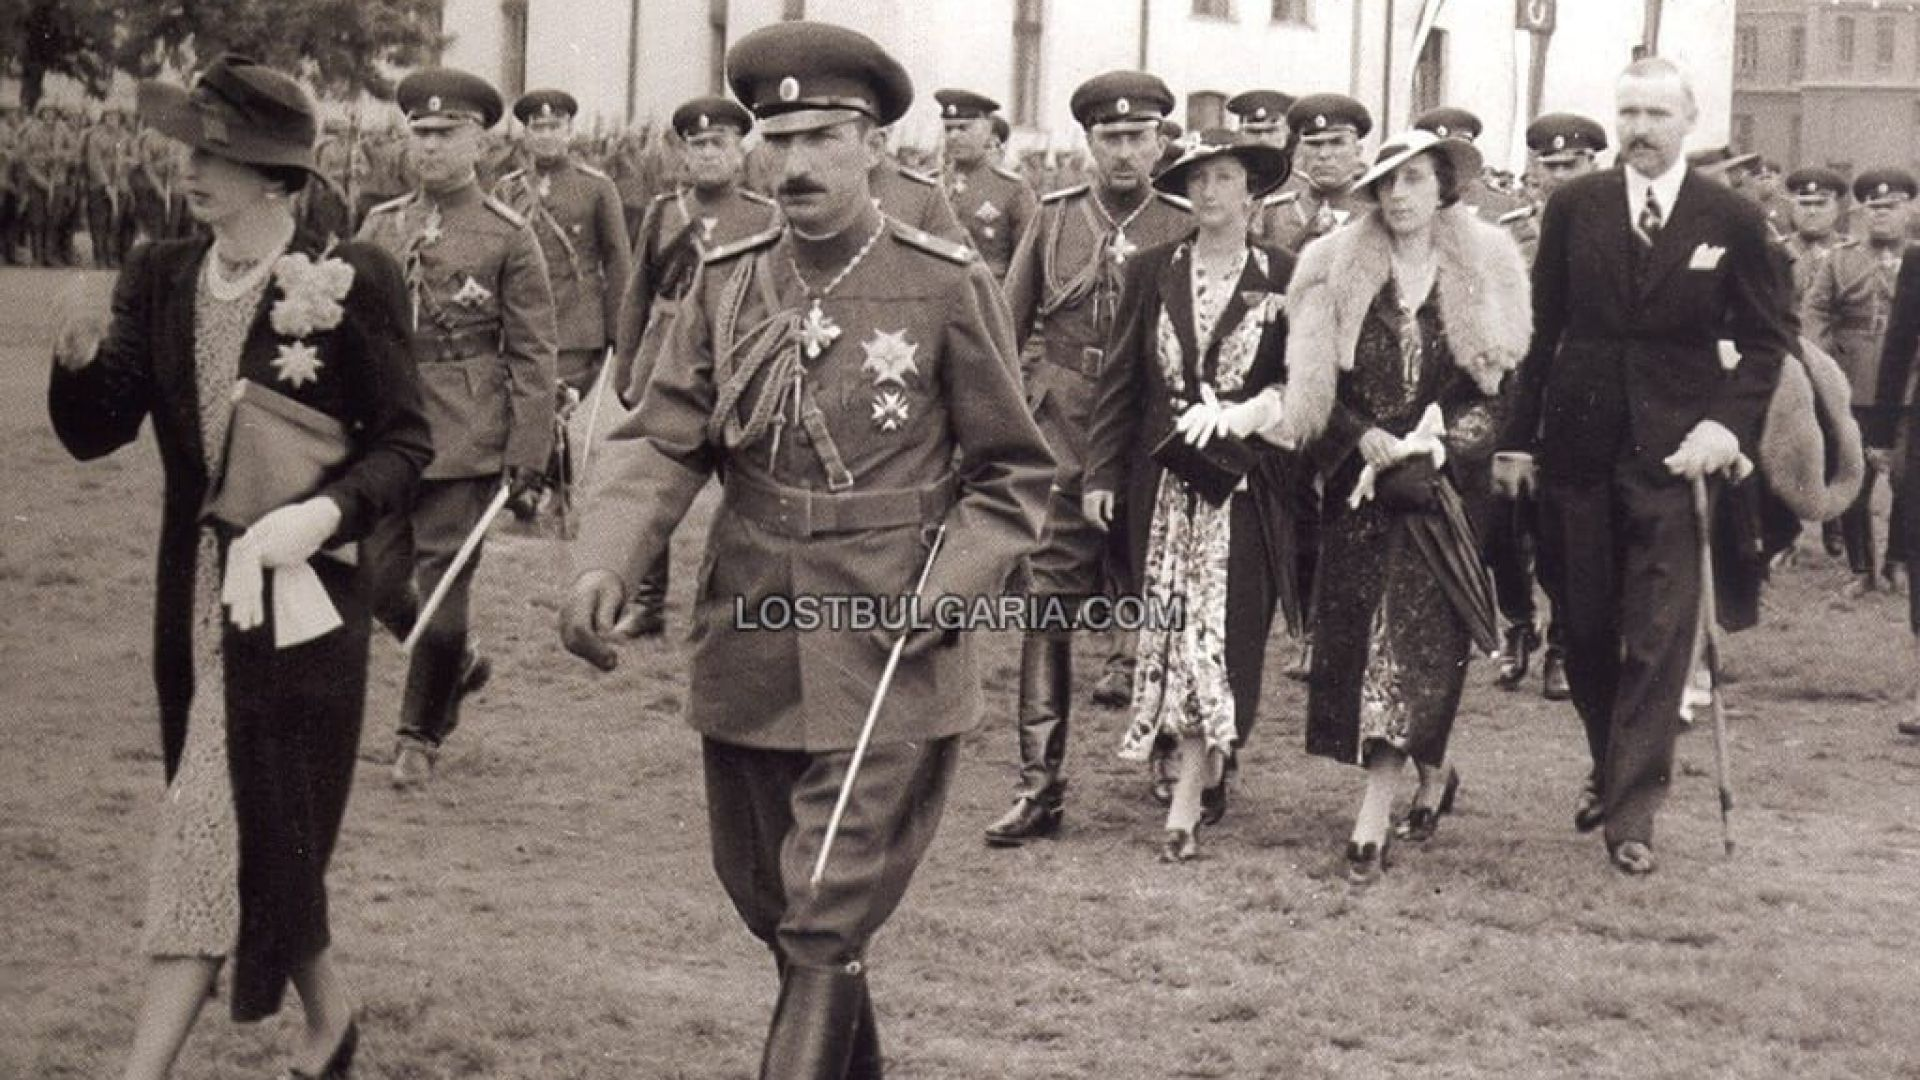 Цар Борис III и царица Йоанна, княз Кирил, княгиня Евдокия, херцогиня Надежда и вюртембергския Херцог Албрехт във Bоенното училище в София, вероятно 1937 г.